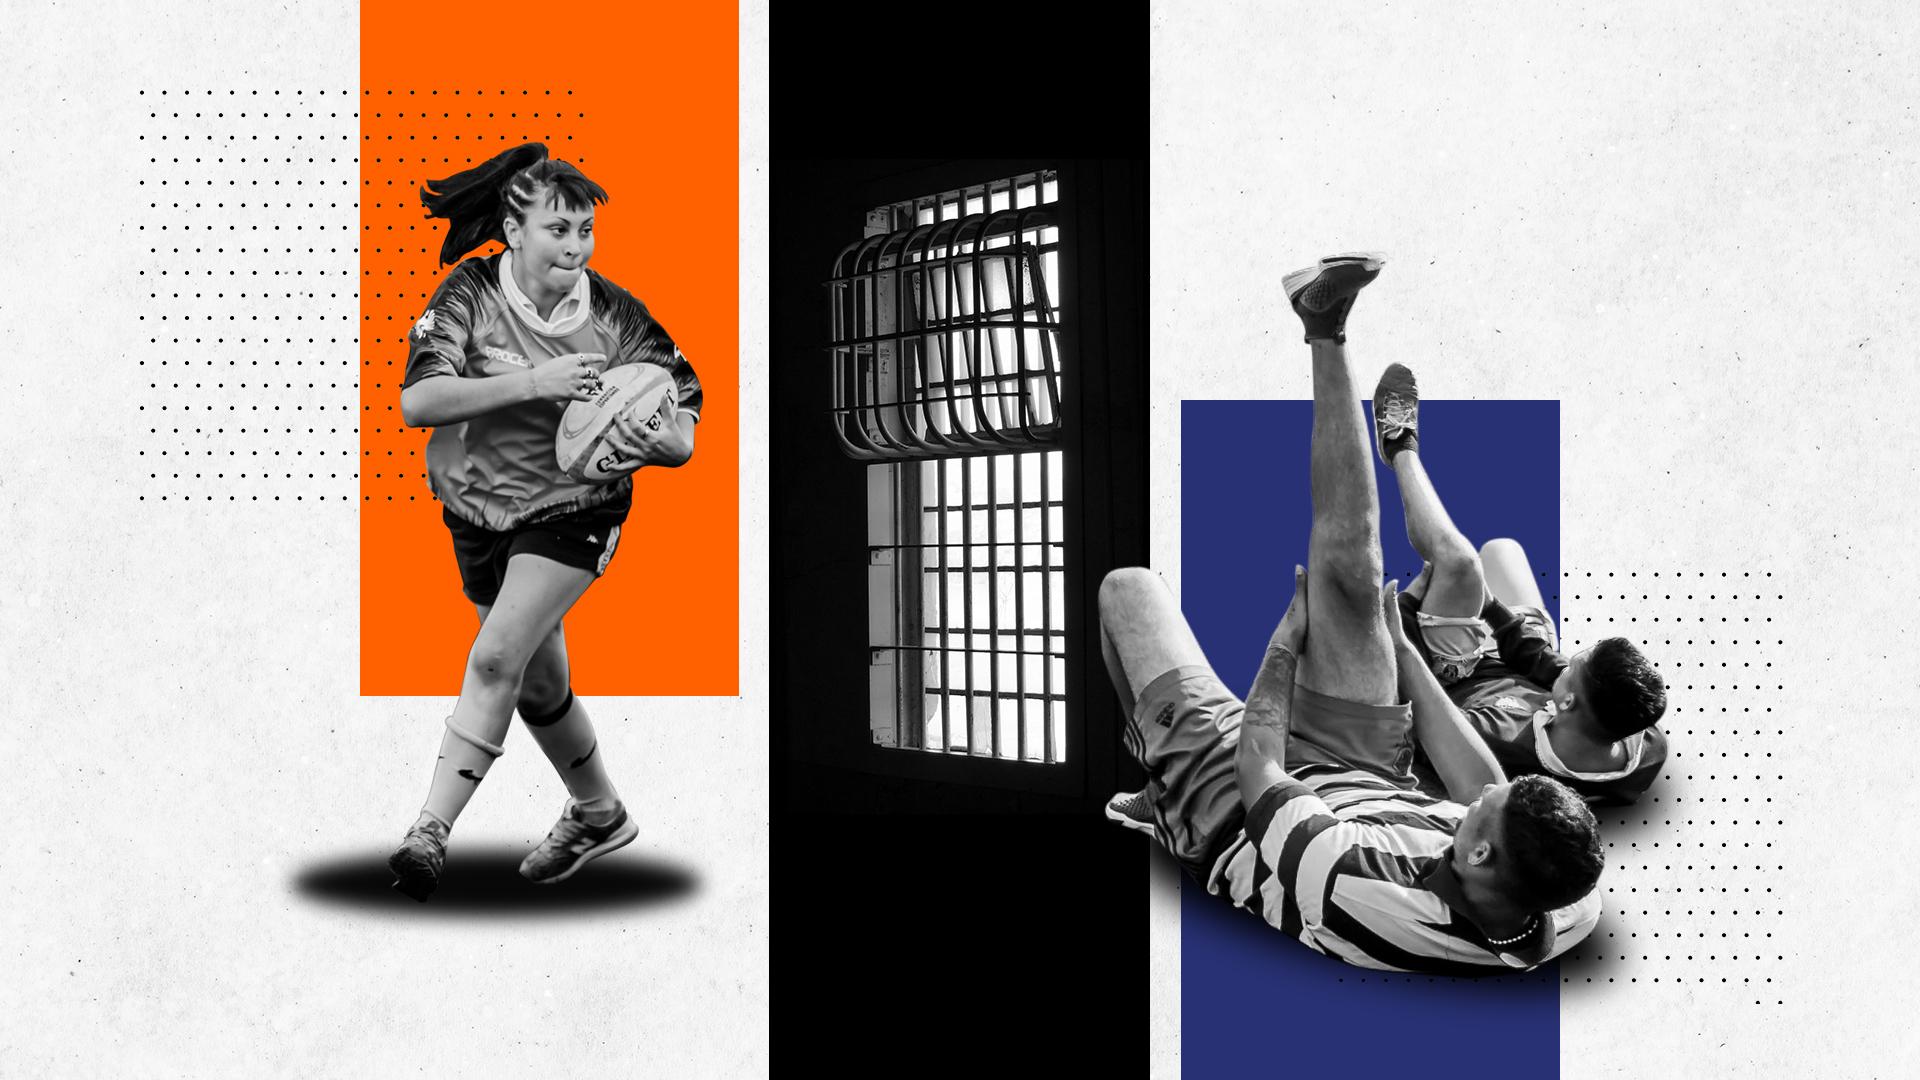 Los proyectos deportivos mejoran la vida adentro y afuera de las cárceles